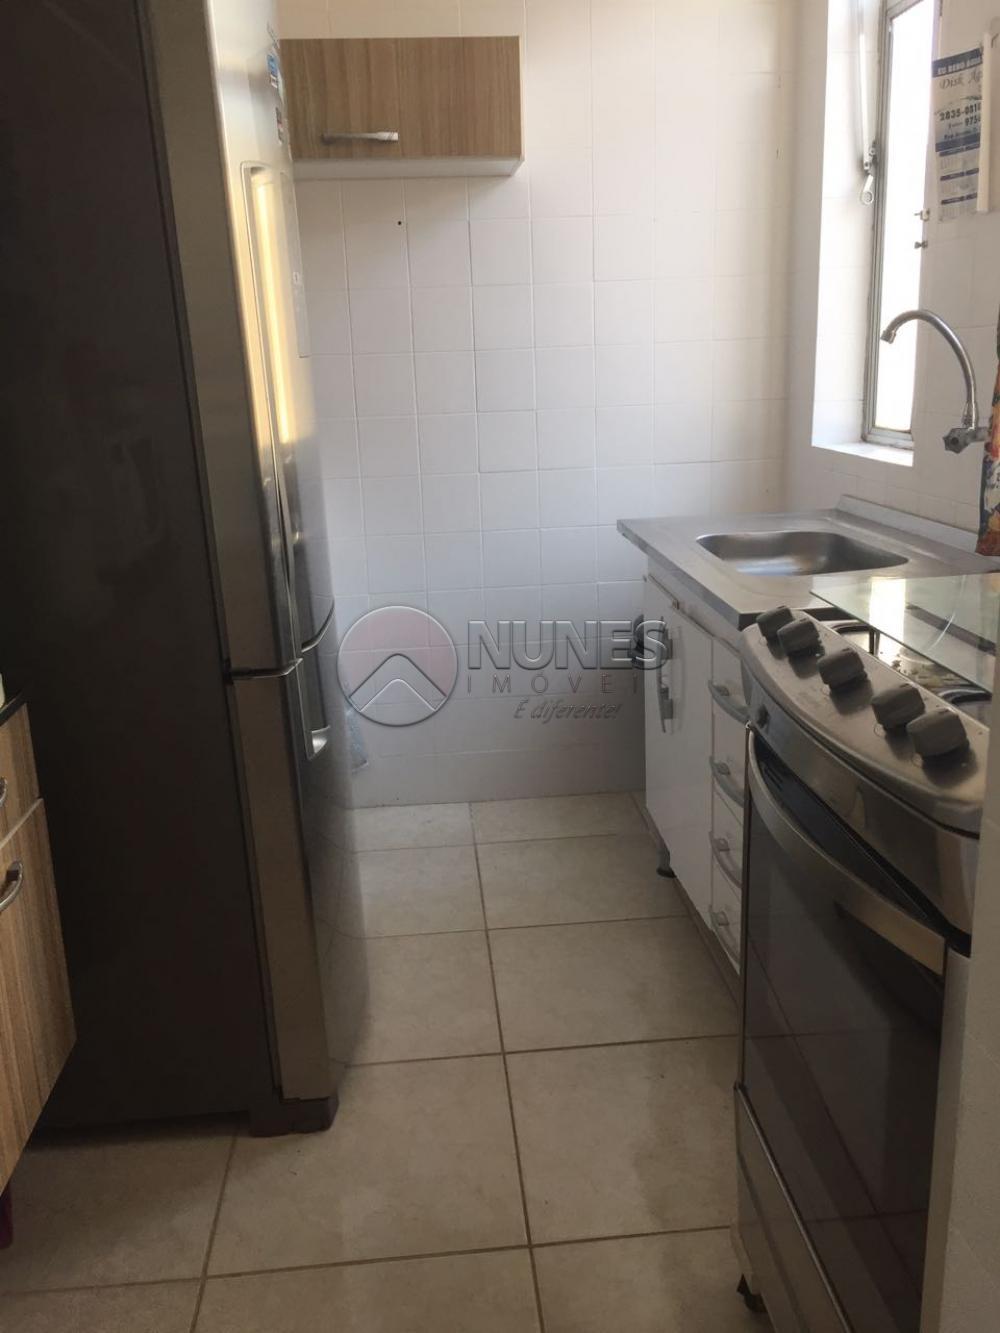 Comprar Apartamento / Padrão em Carapicuíba apenas R$ 140.000,00 - Foto 5